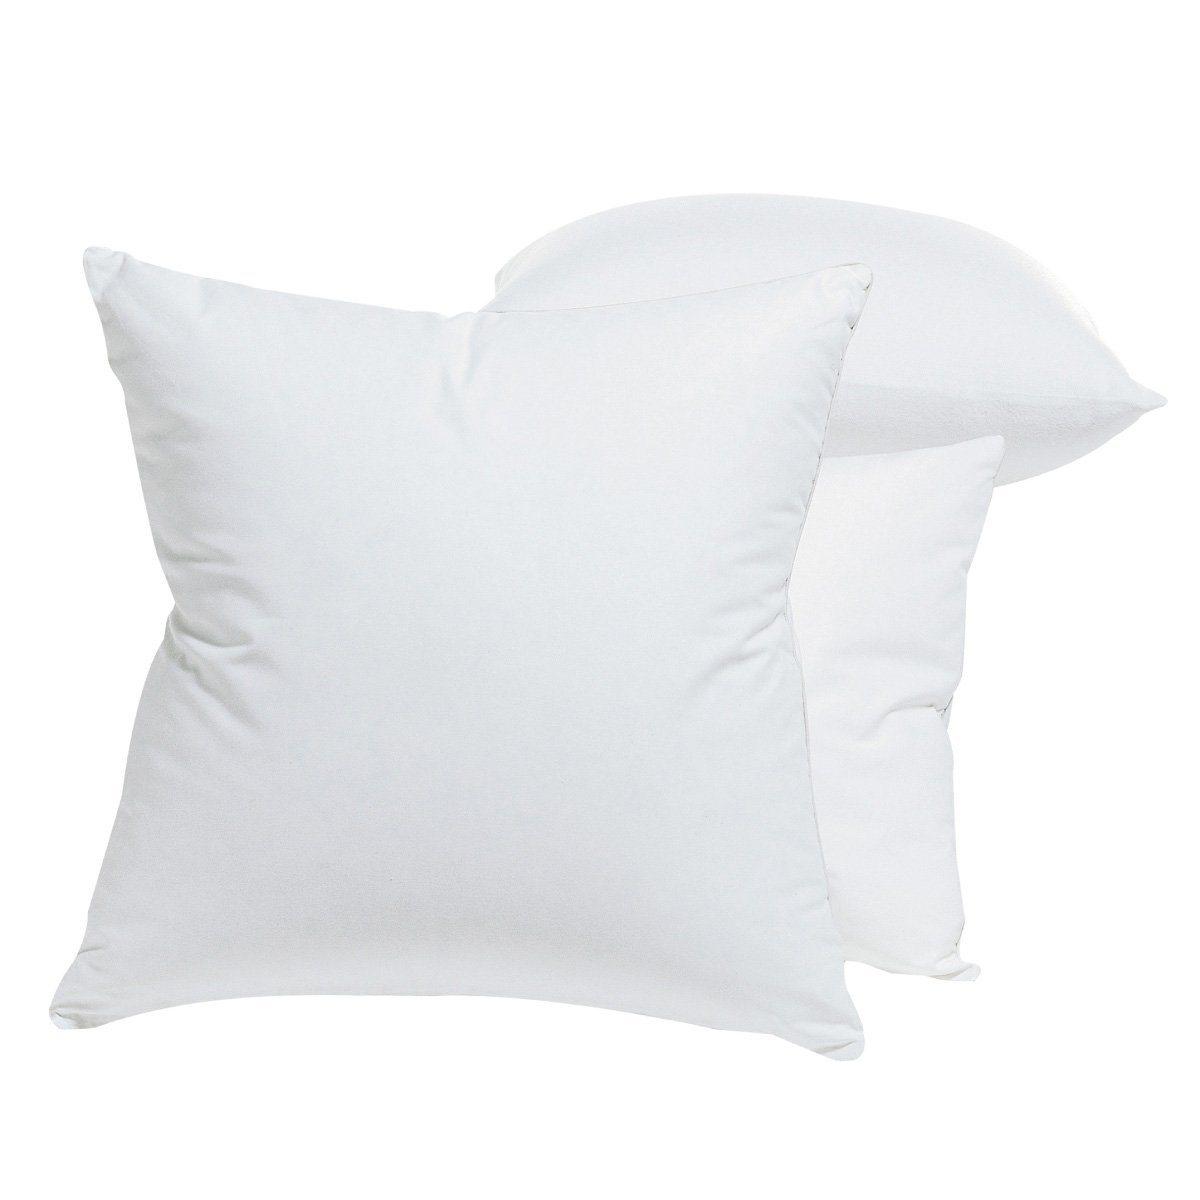 Подушка, 70% пухаПышная подушка с натуральным наполнителем из 70% пуха, 30% перьев. Чехол из атласной саржи, 100% хлопка. Отделка серым кантом. Грязеотталкивающая обработка Teflon. Обработка Proneem против клещей: абсолютно натуральная обработка не вредит окружающей среде. Вы сами можете регулировать упругость подушки: в комплекте саше с дополнительными 100г наполнителя. Размер: 40 х 40 см или 40 х 60 см. Поставка в чехле. Стирка при 40-95°.<br><br>Цвет: белый